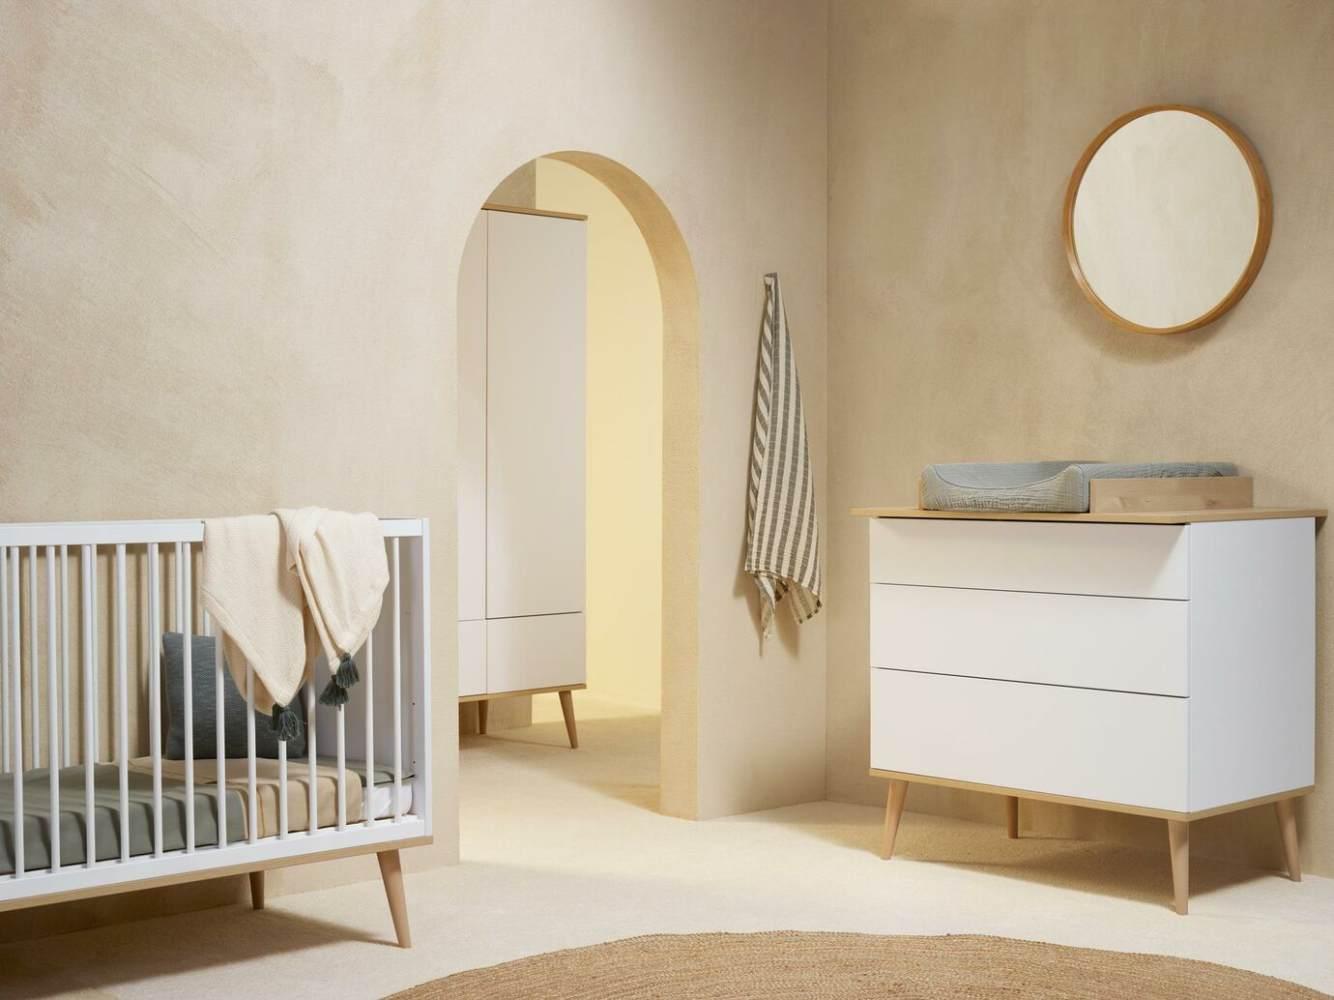 Quax 'Flow' 3-tlg. Kinderzimmerset, White & Oak, aus Bett 70 x 140 cm, Wickelkommode und 3-trg. Kleiderschrank Bild 1